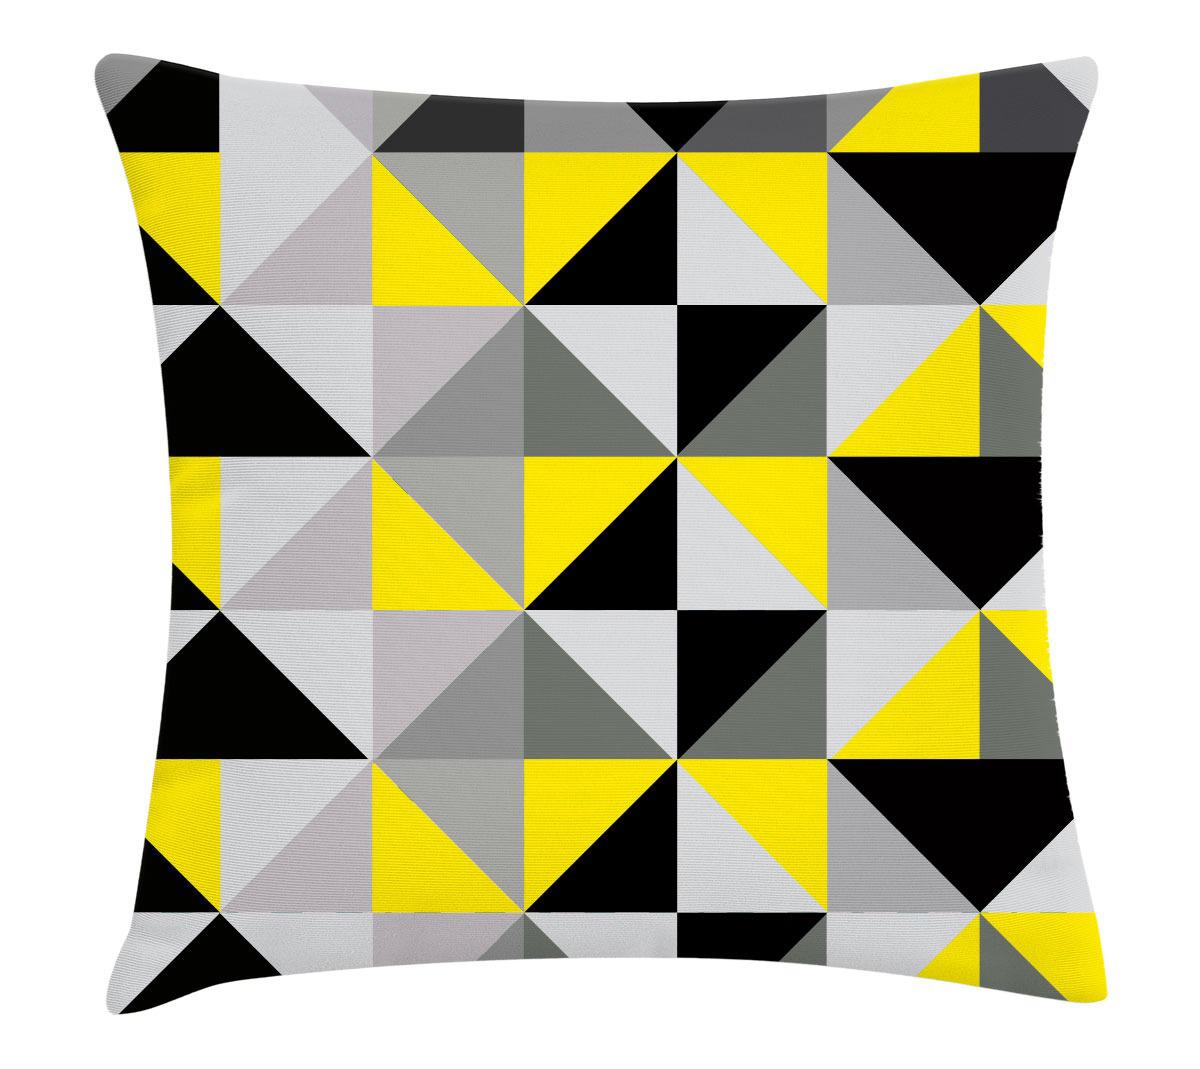 440047bbb7c6ea Capa de almofada quadriculada preto cinza e amarelo